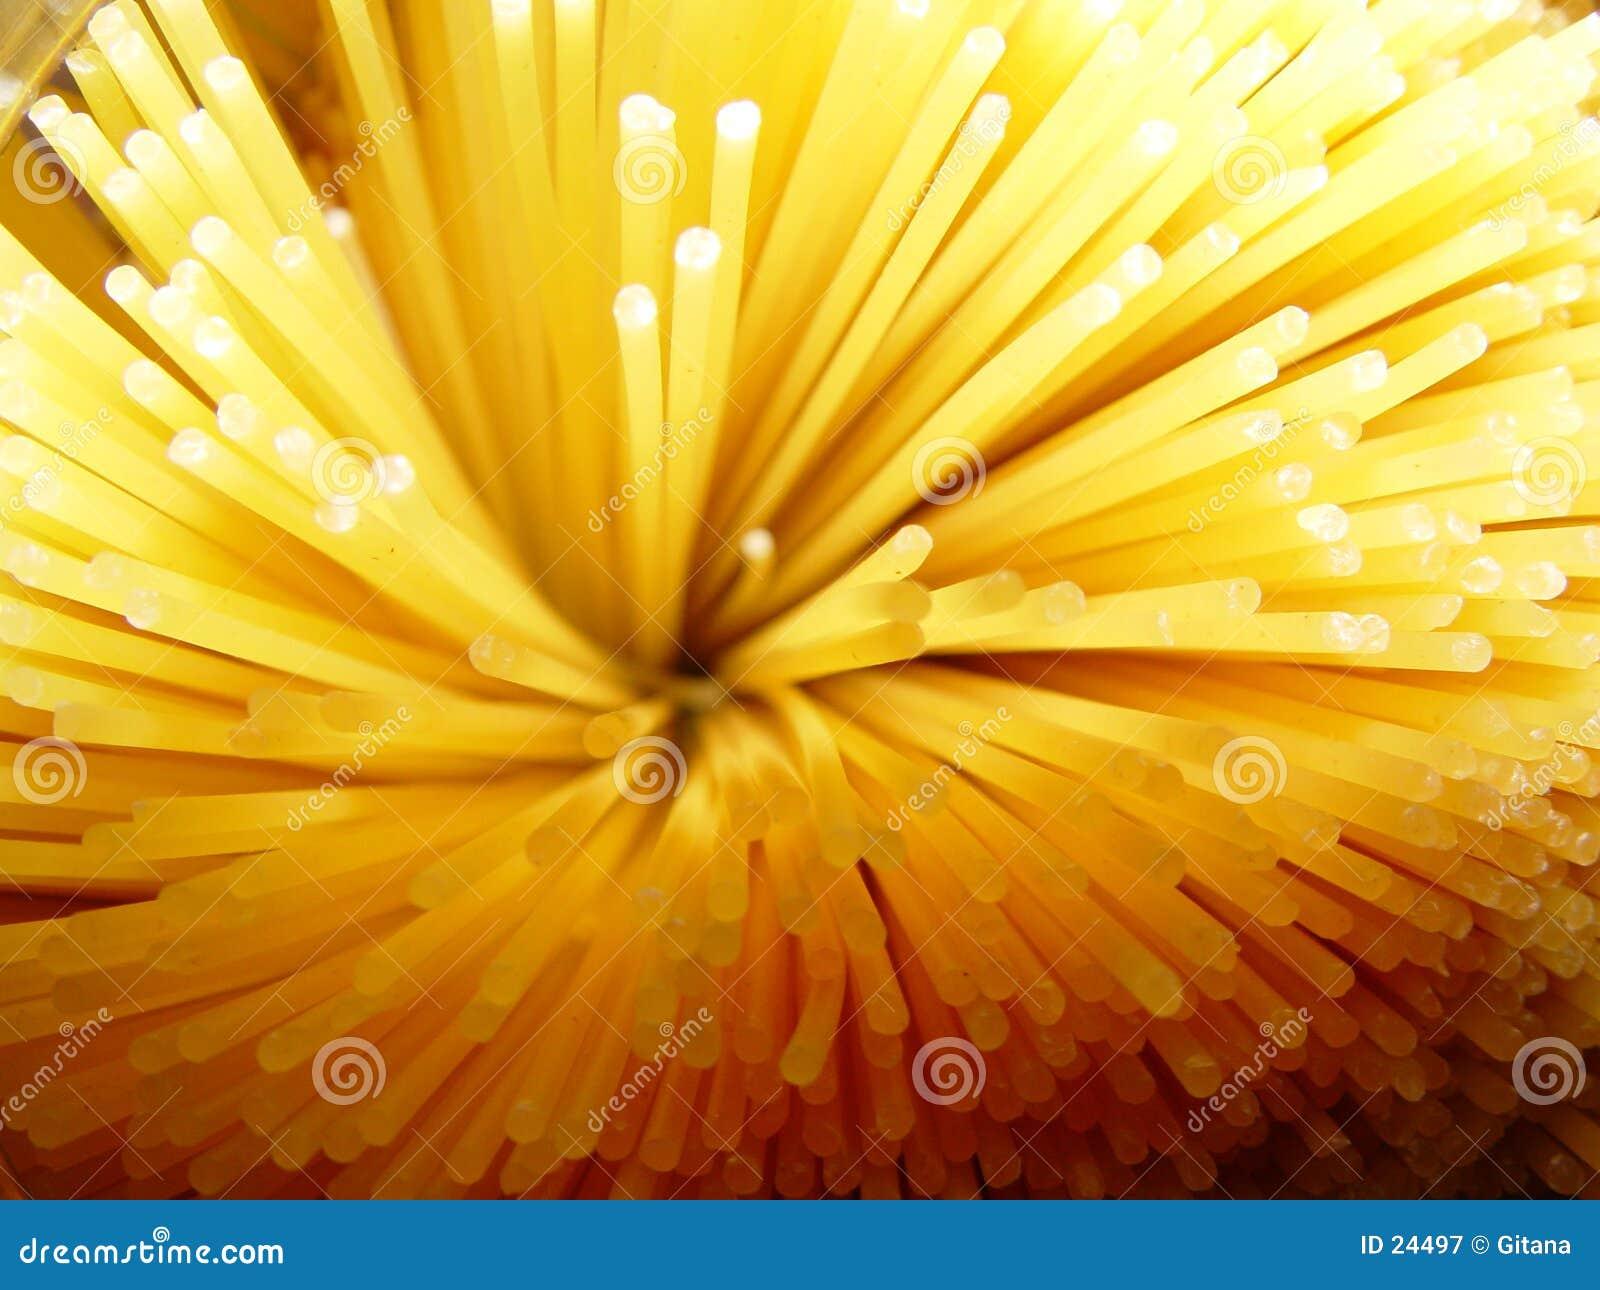 Spaghetti z wyszczególnieniem